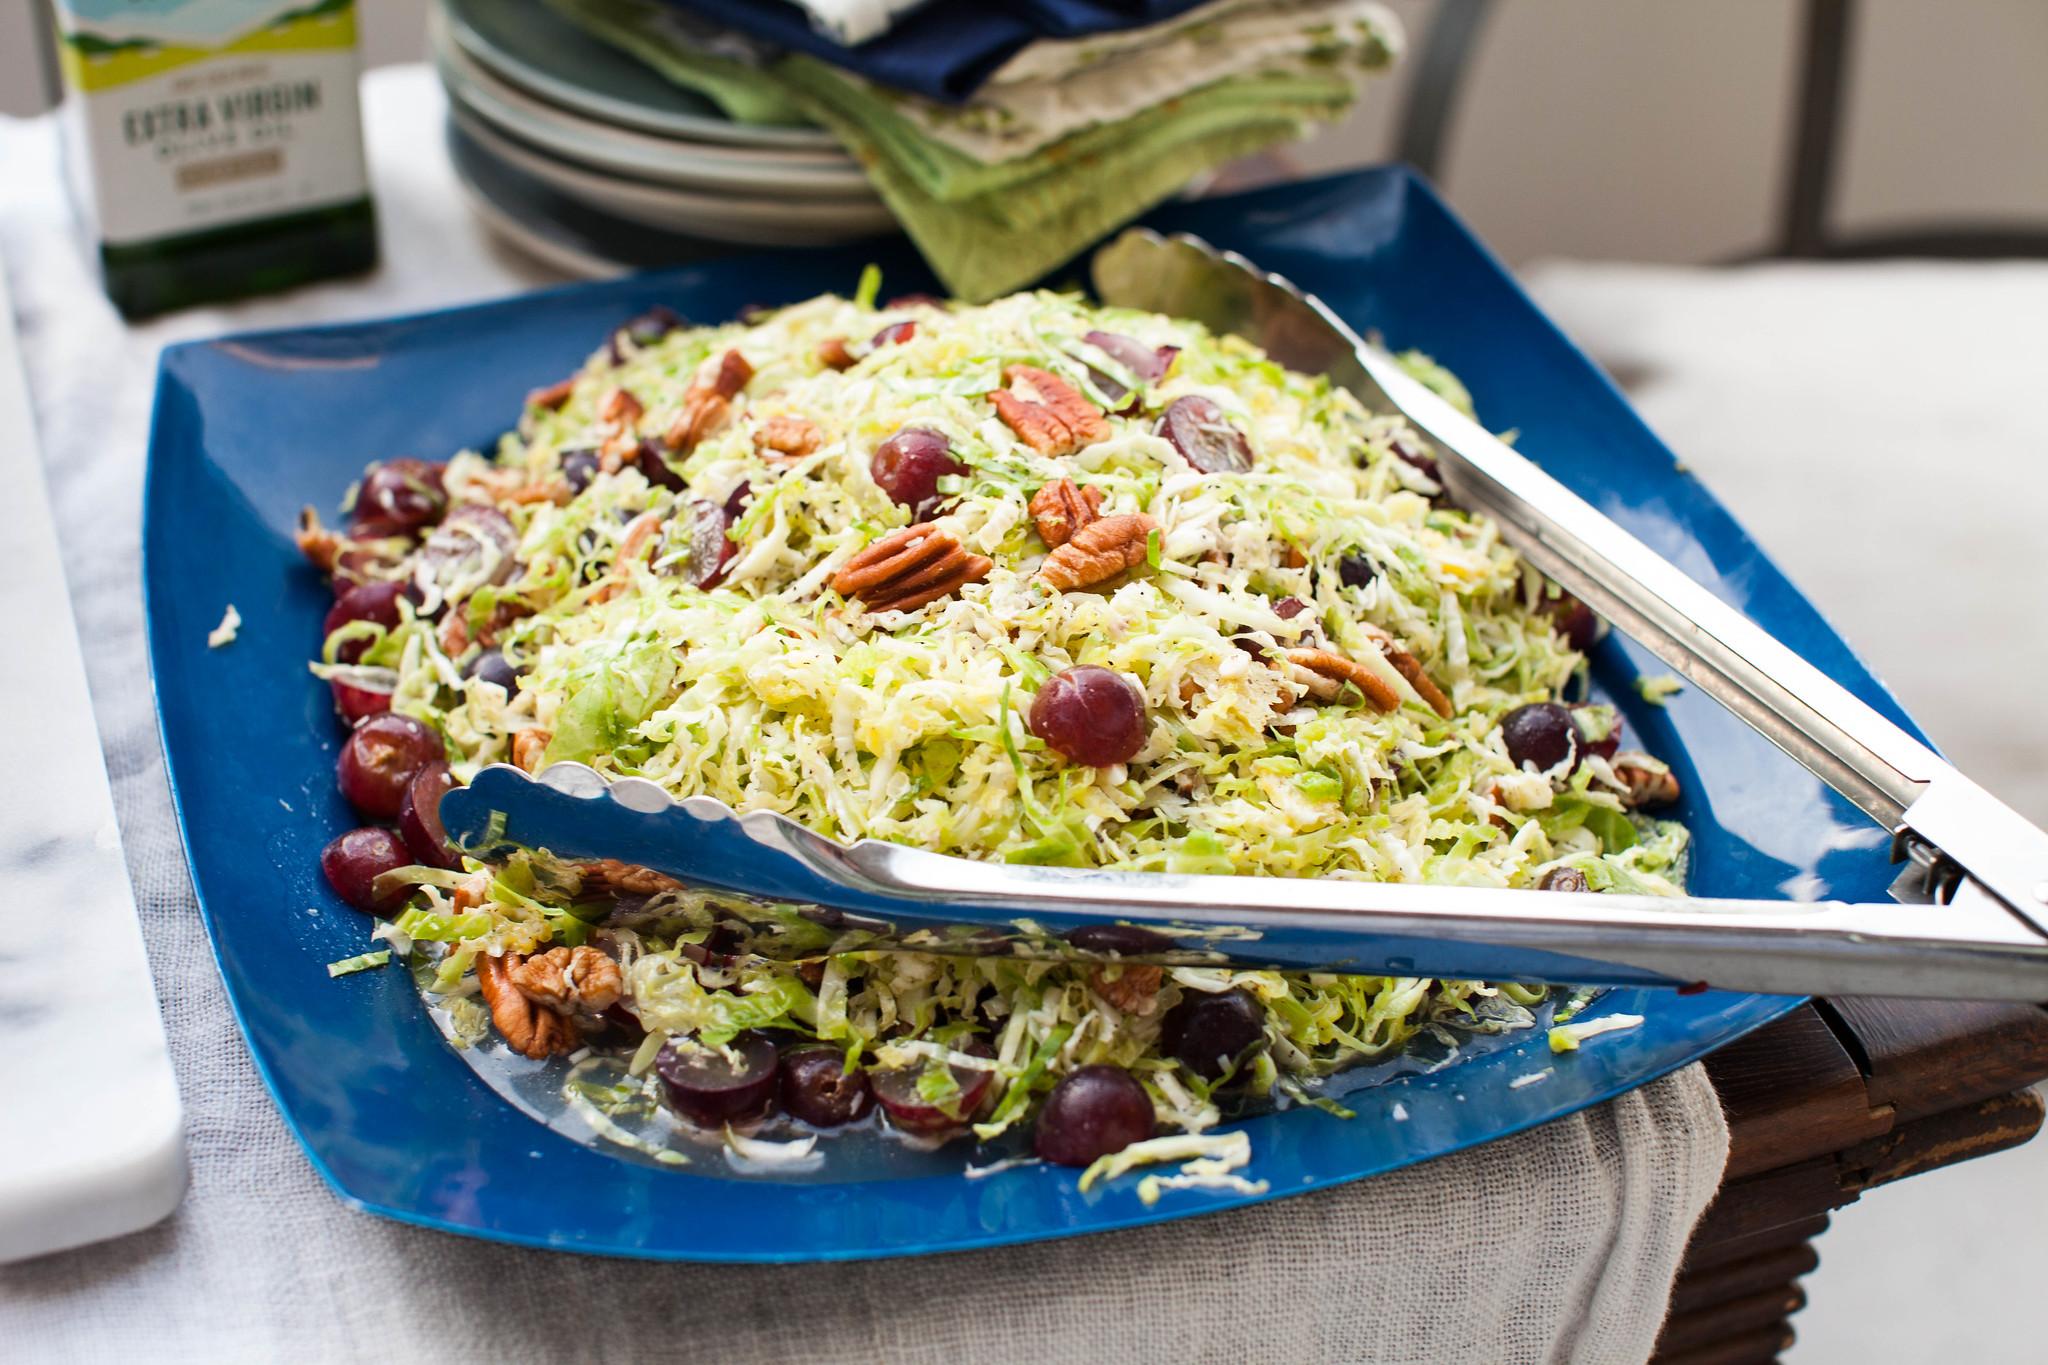 brussels sprout salad chrissy teigen cookbook